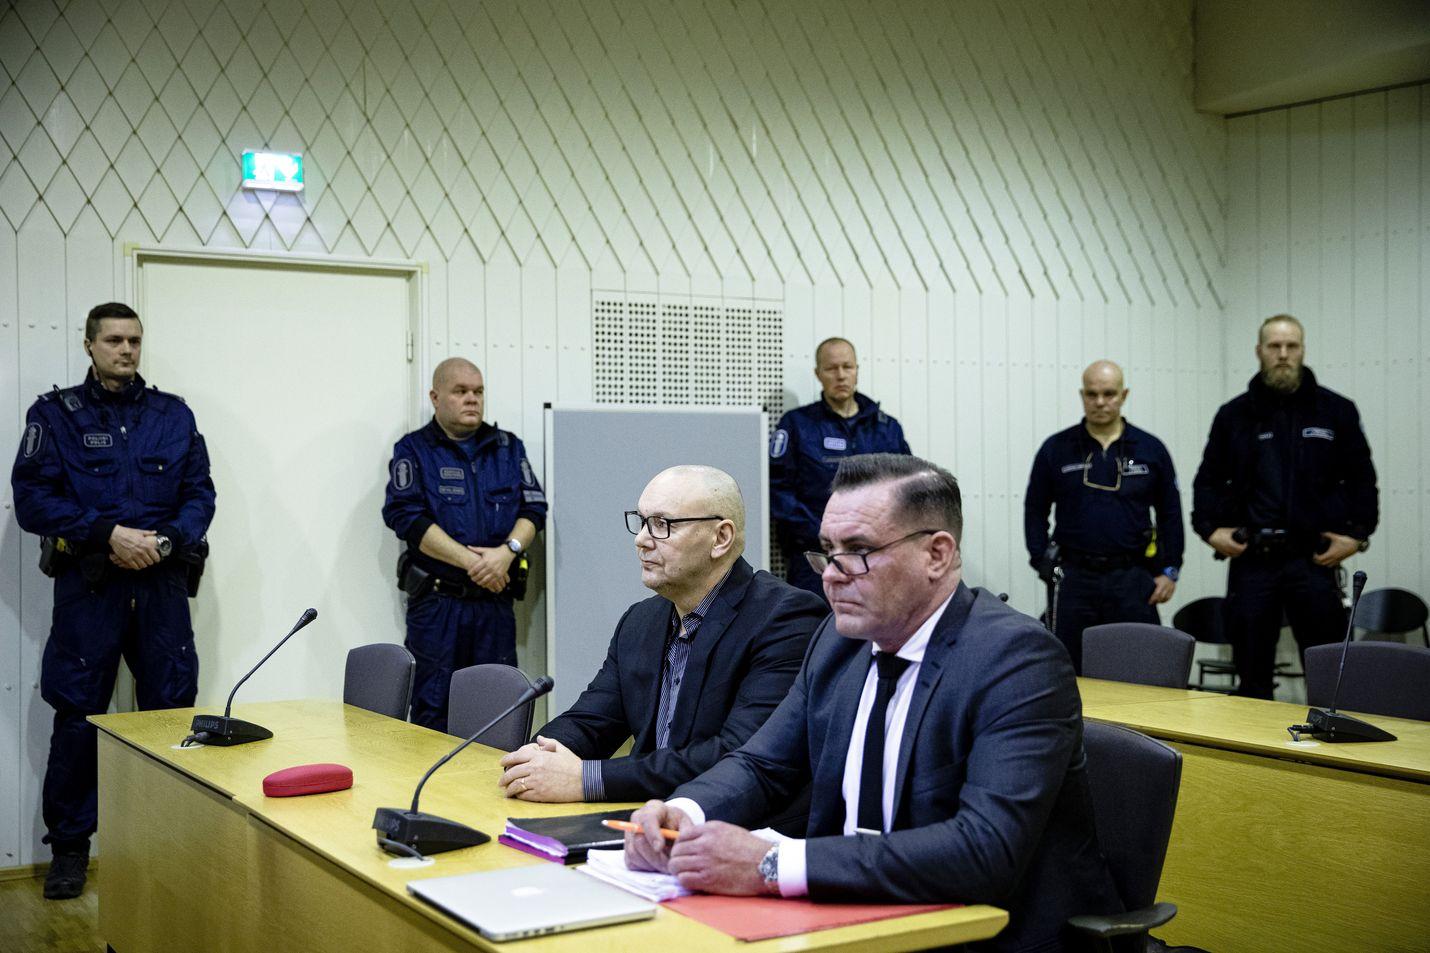 """Oikeudenkäynti United Brotherhoodin lakkauttamiseksi käynnistyi Porvoossa tammikuun alussa. Poliisi pitää Tero """"Kukkis"""" Holopaista (vas.) jengin johtajana. Holopainen osallistui oikeudenkäyntiin avustajansa Ilkka Ukkosen kanssa."""